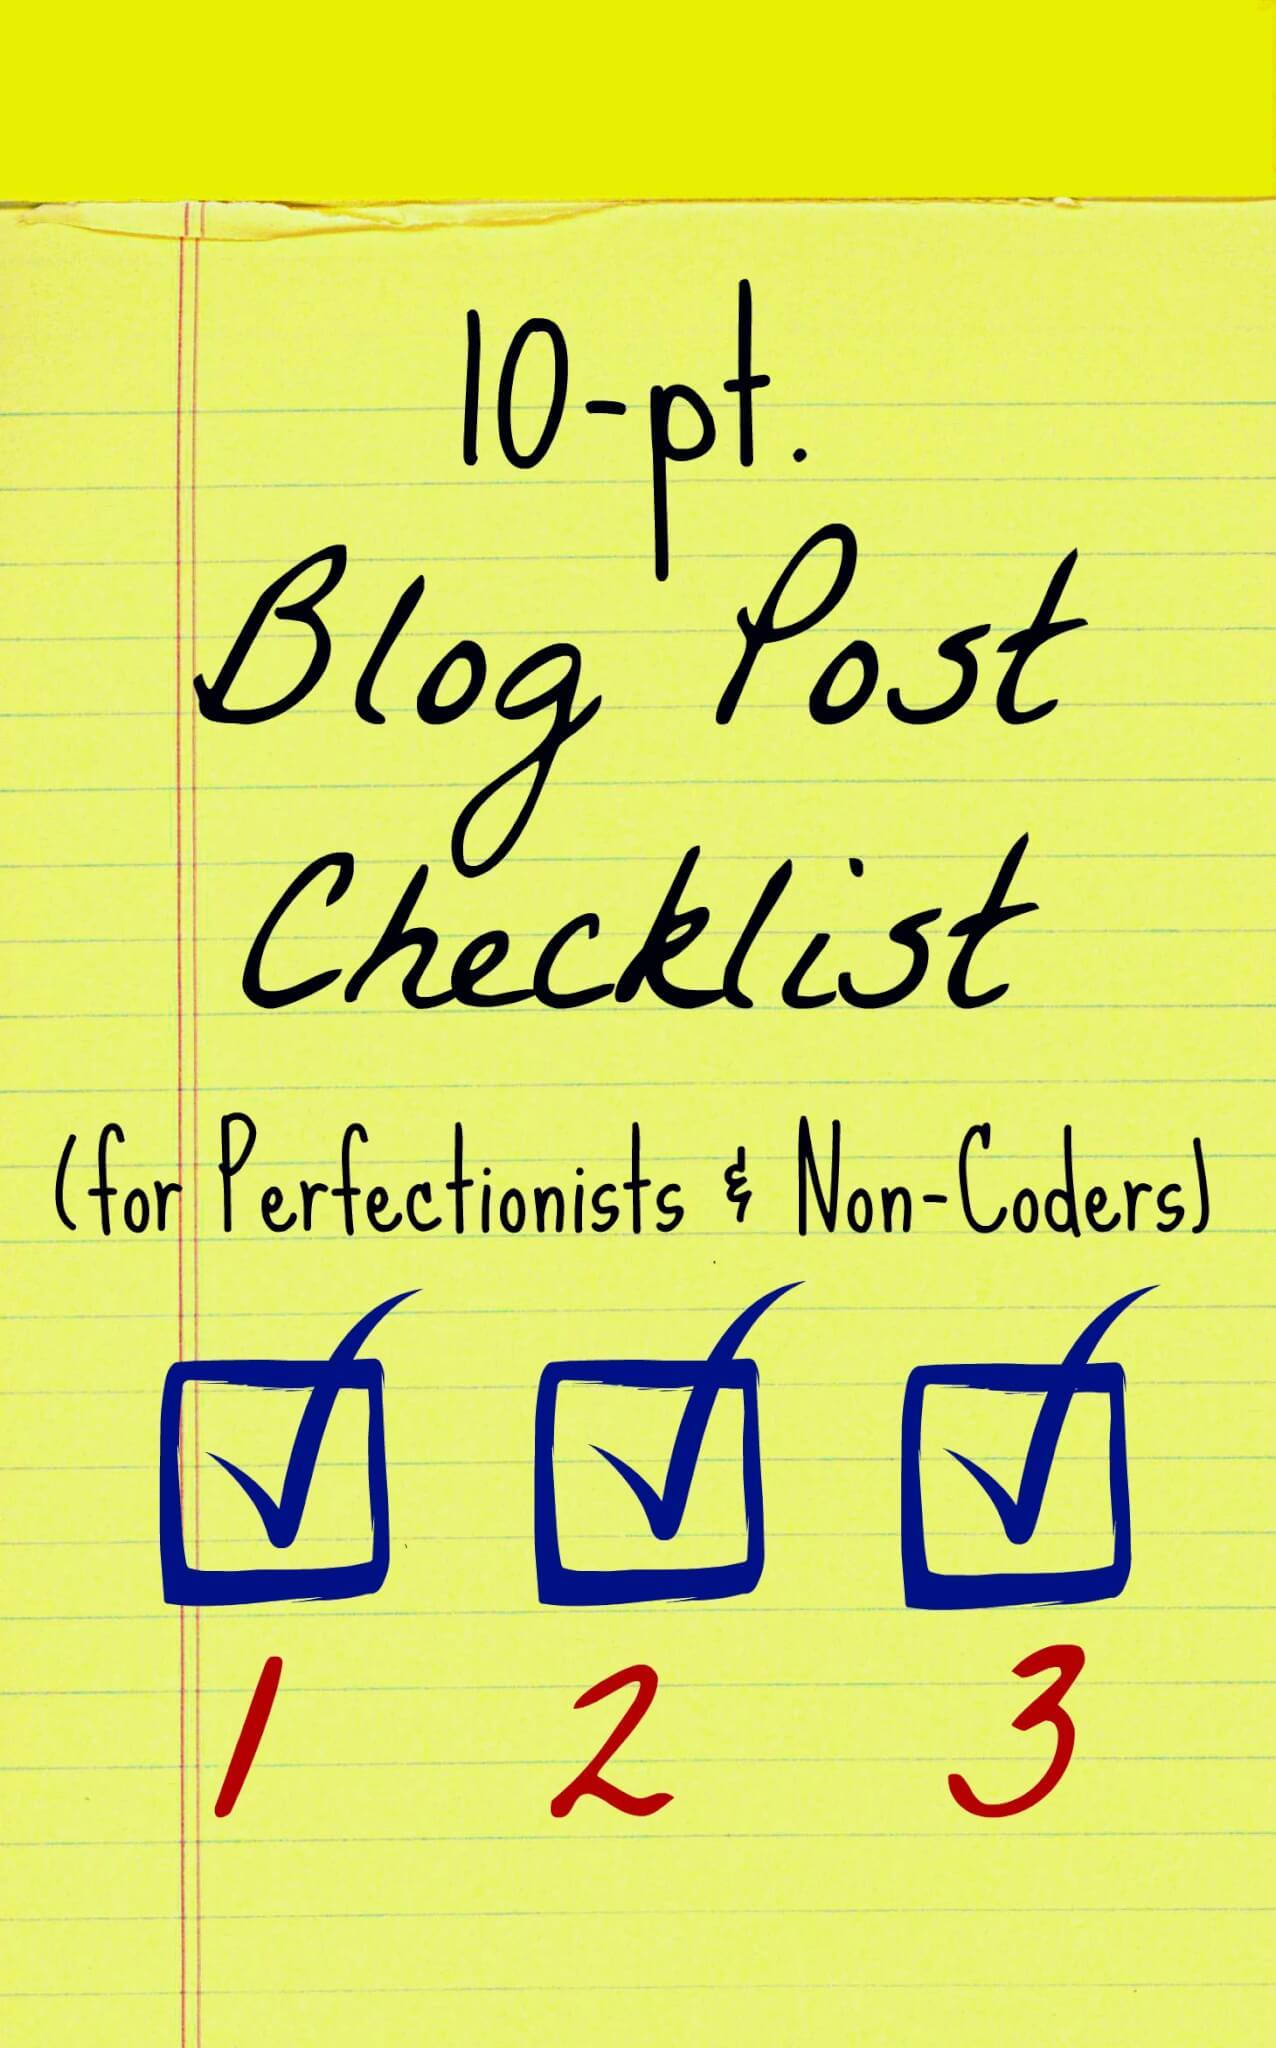 blog post checklist graphic header